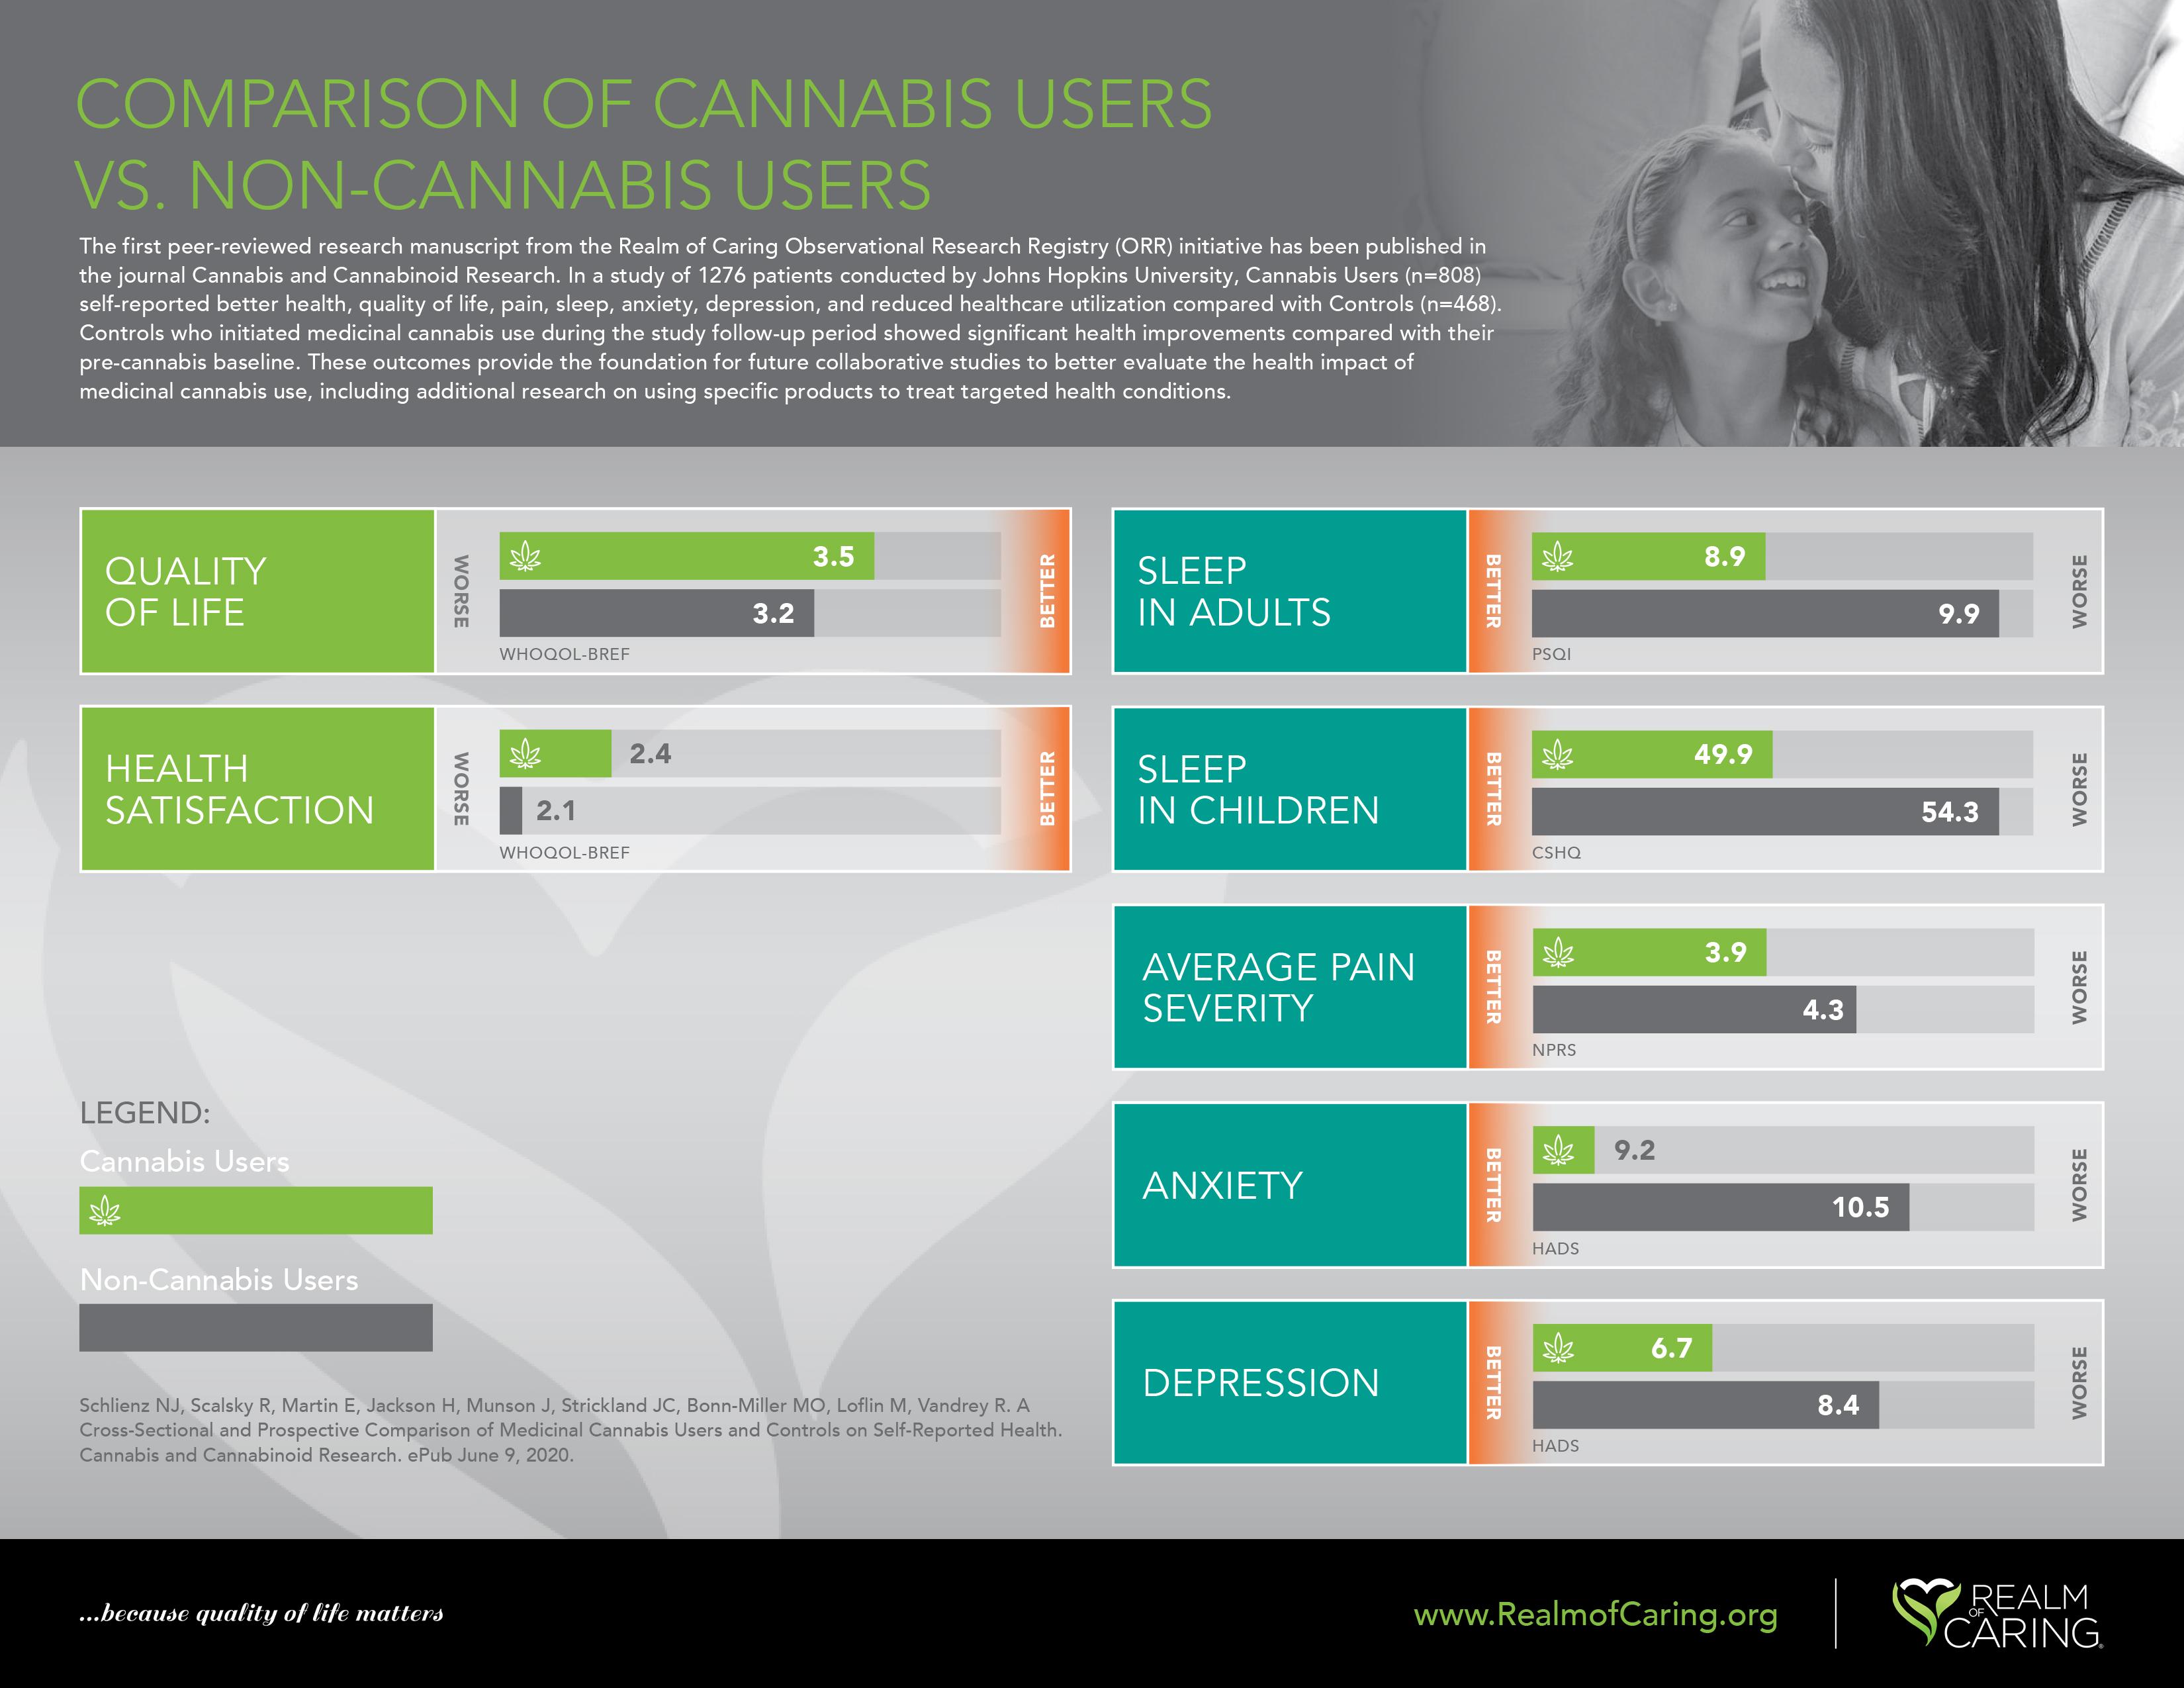 comparison of cannabis users vs non-cannabis users